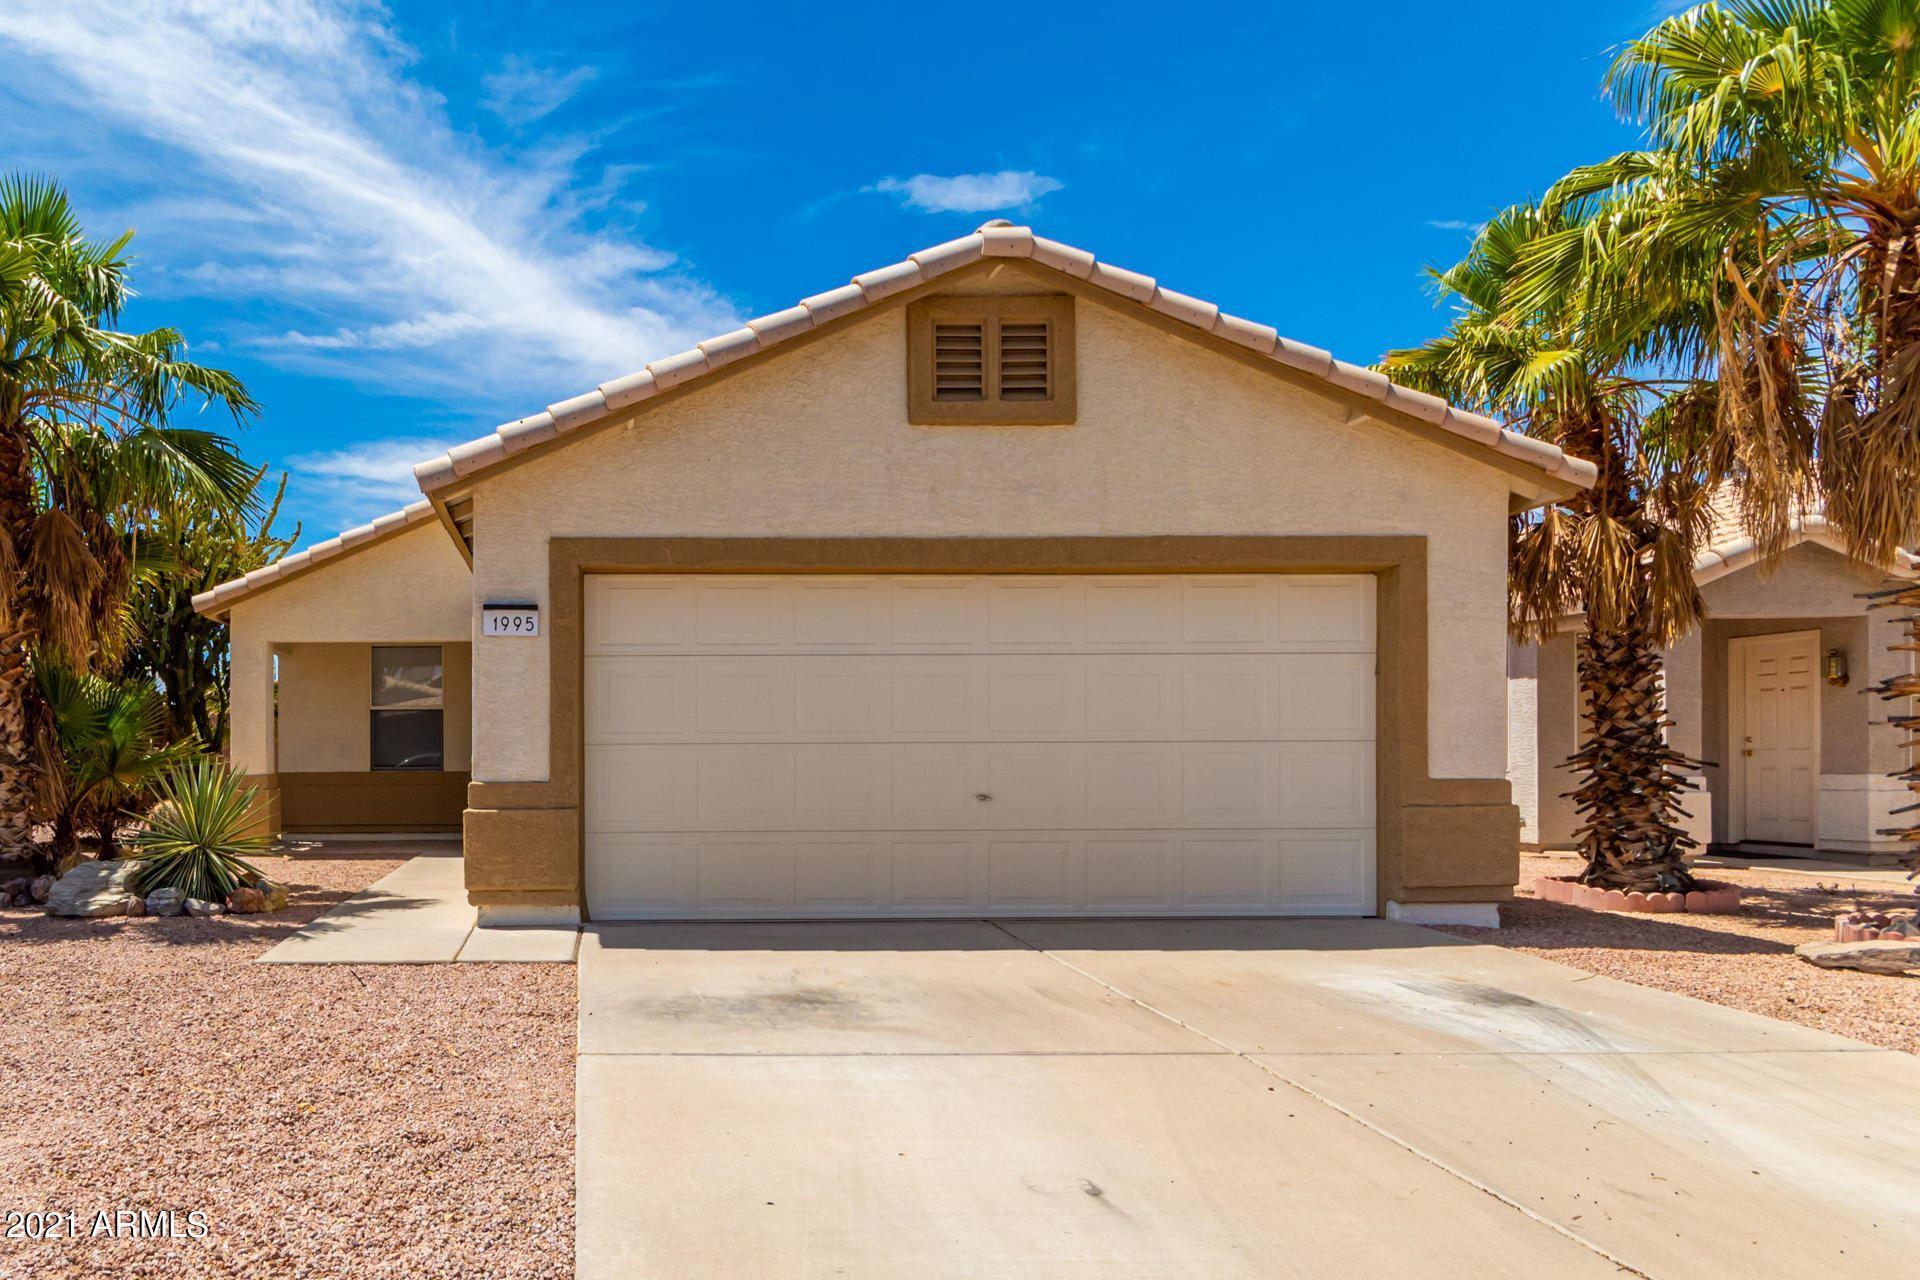 Photo of 1995 W 21ST Avenue, Apache Junction, AZ 85120 (MLS # 6249442)